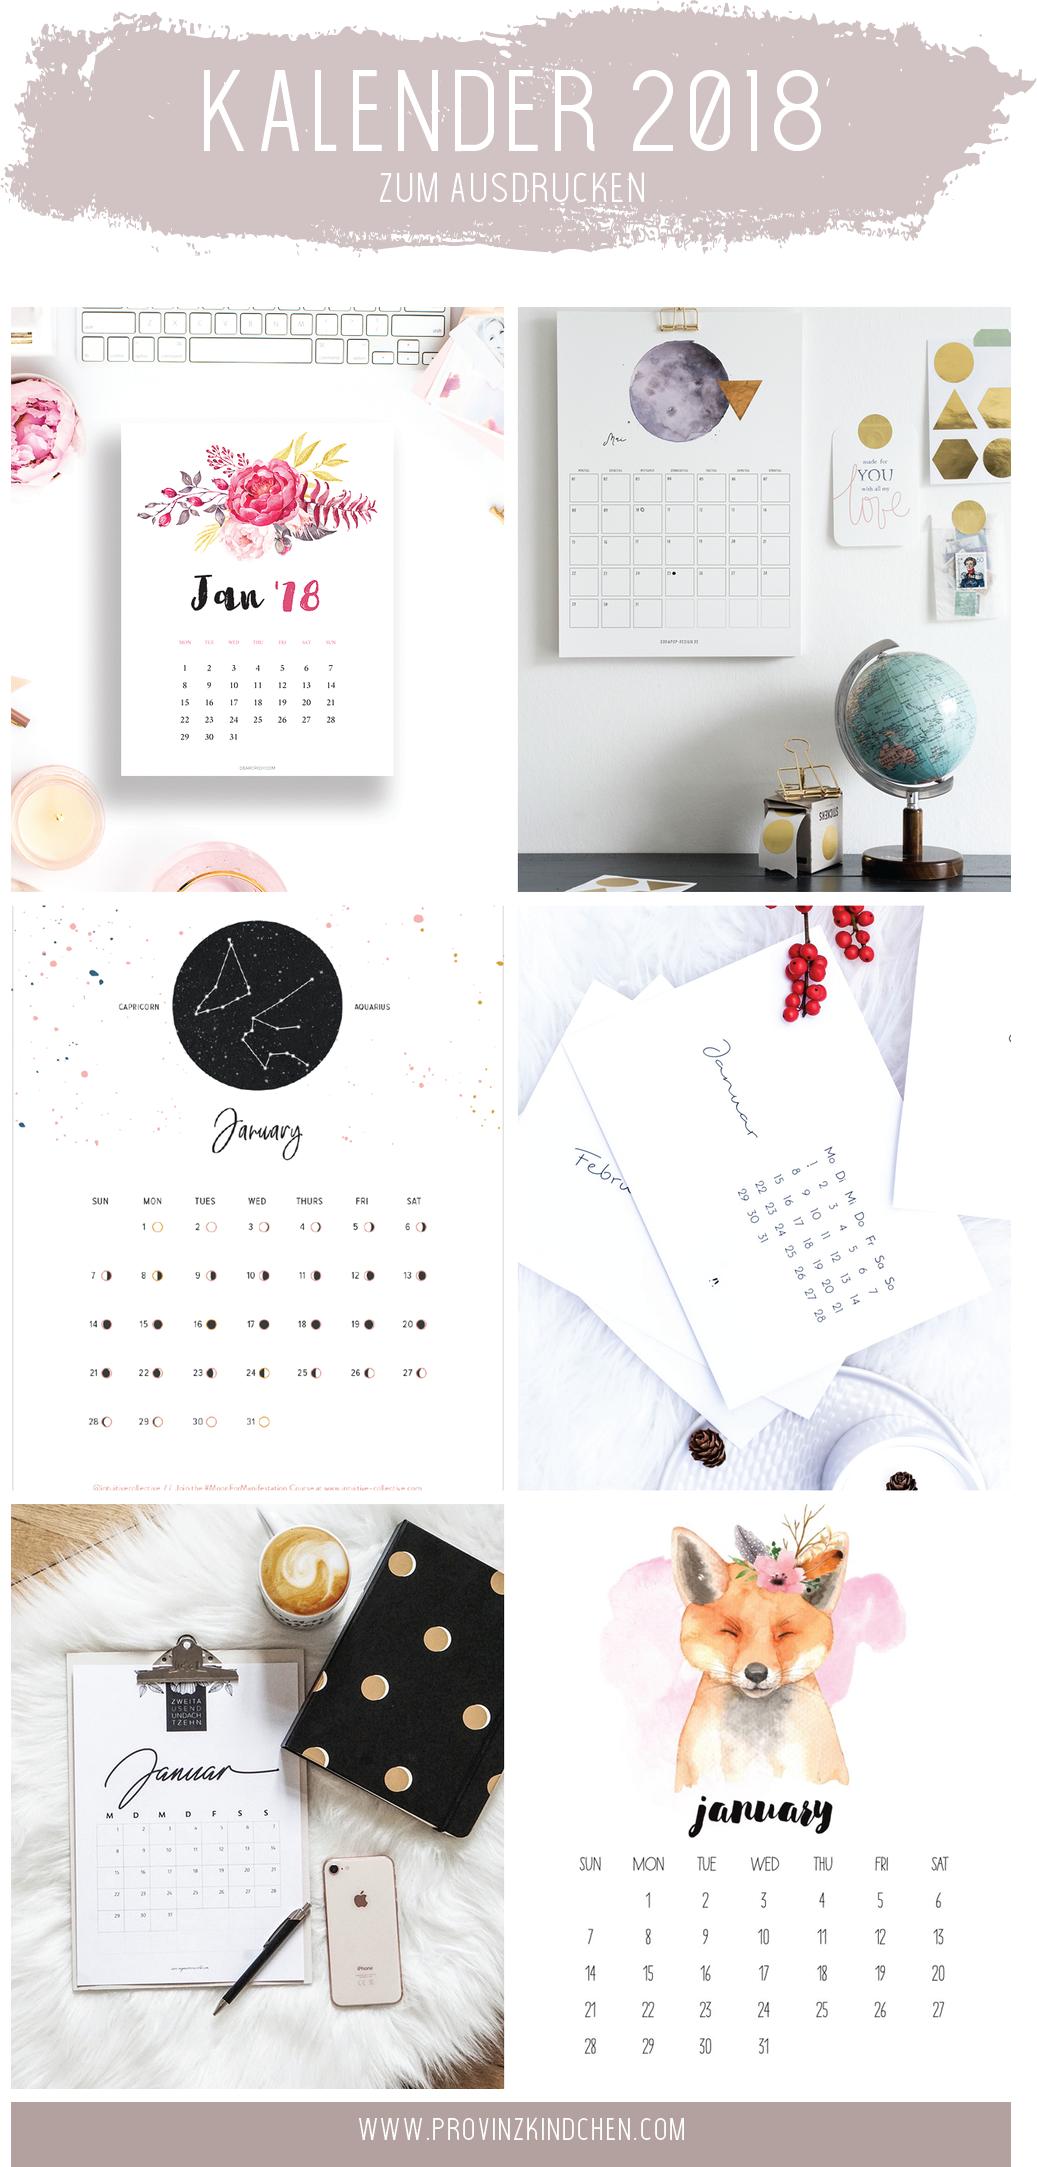 Die Schonsten Kalender Fur 2018 Zum Ausdrucken Provinzkindchen Kalender Zum Ausdrucken Kalender Basteln Ausdrucken